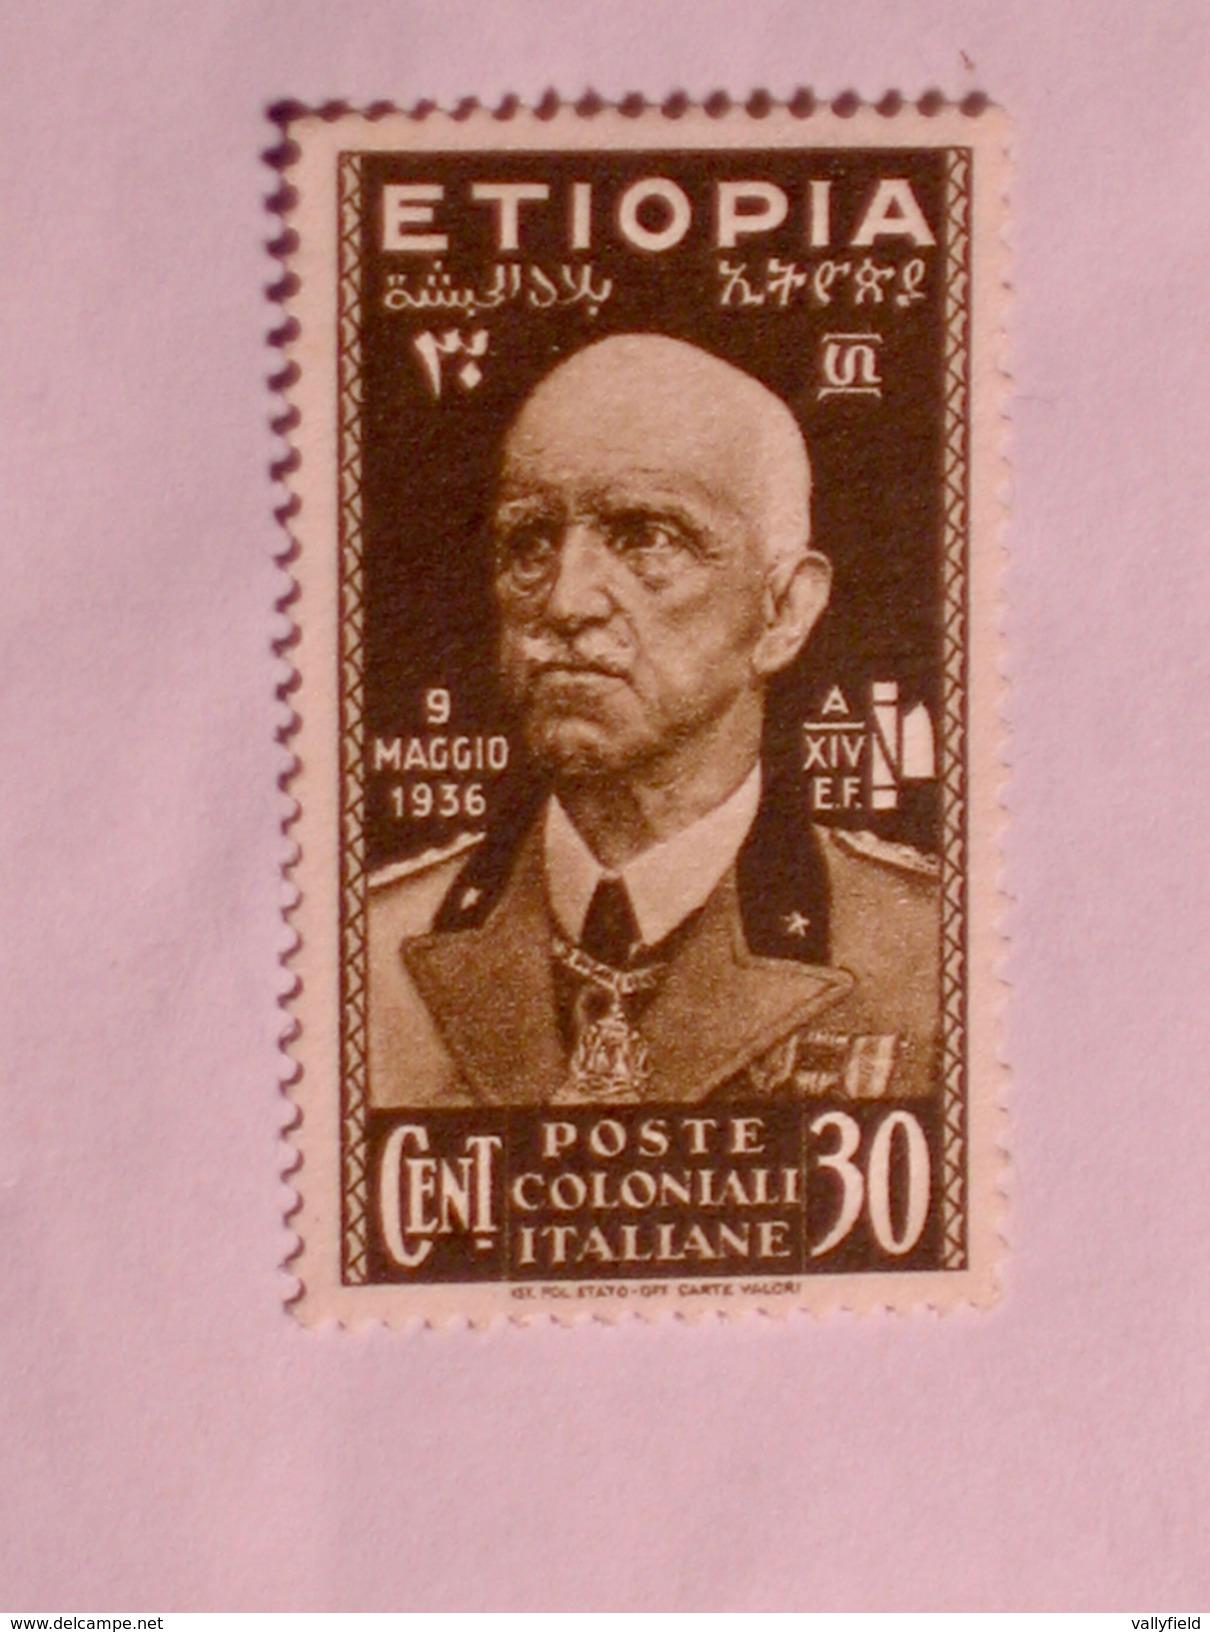 ETHIOPIE  1936  LOT# 3 - Ethiopie